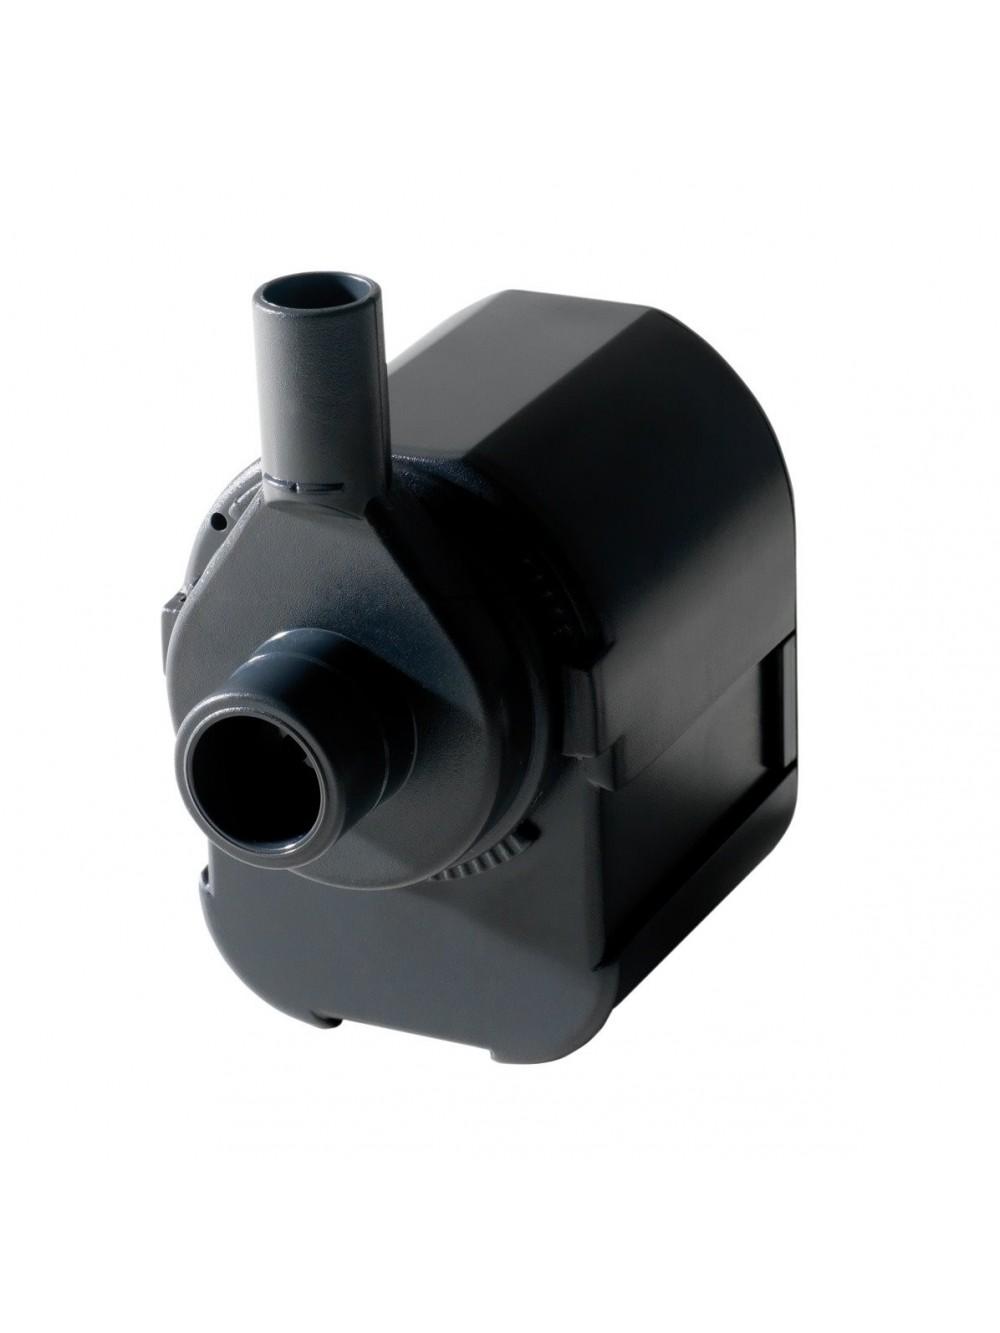 Newa maxi mj 500 pompa per acquari aquazoomania shop for Pompa sifone per acquari